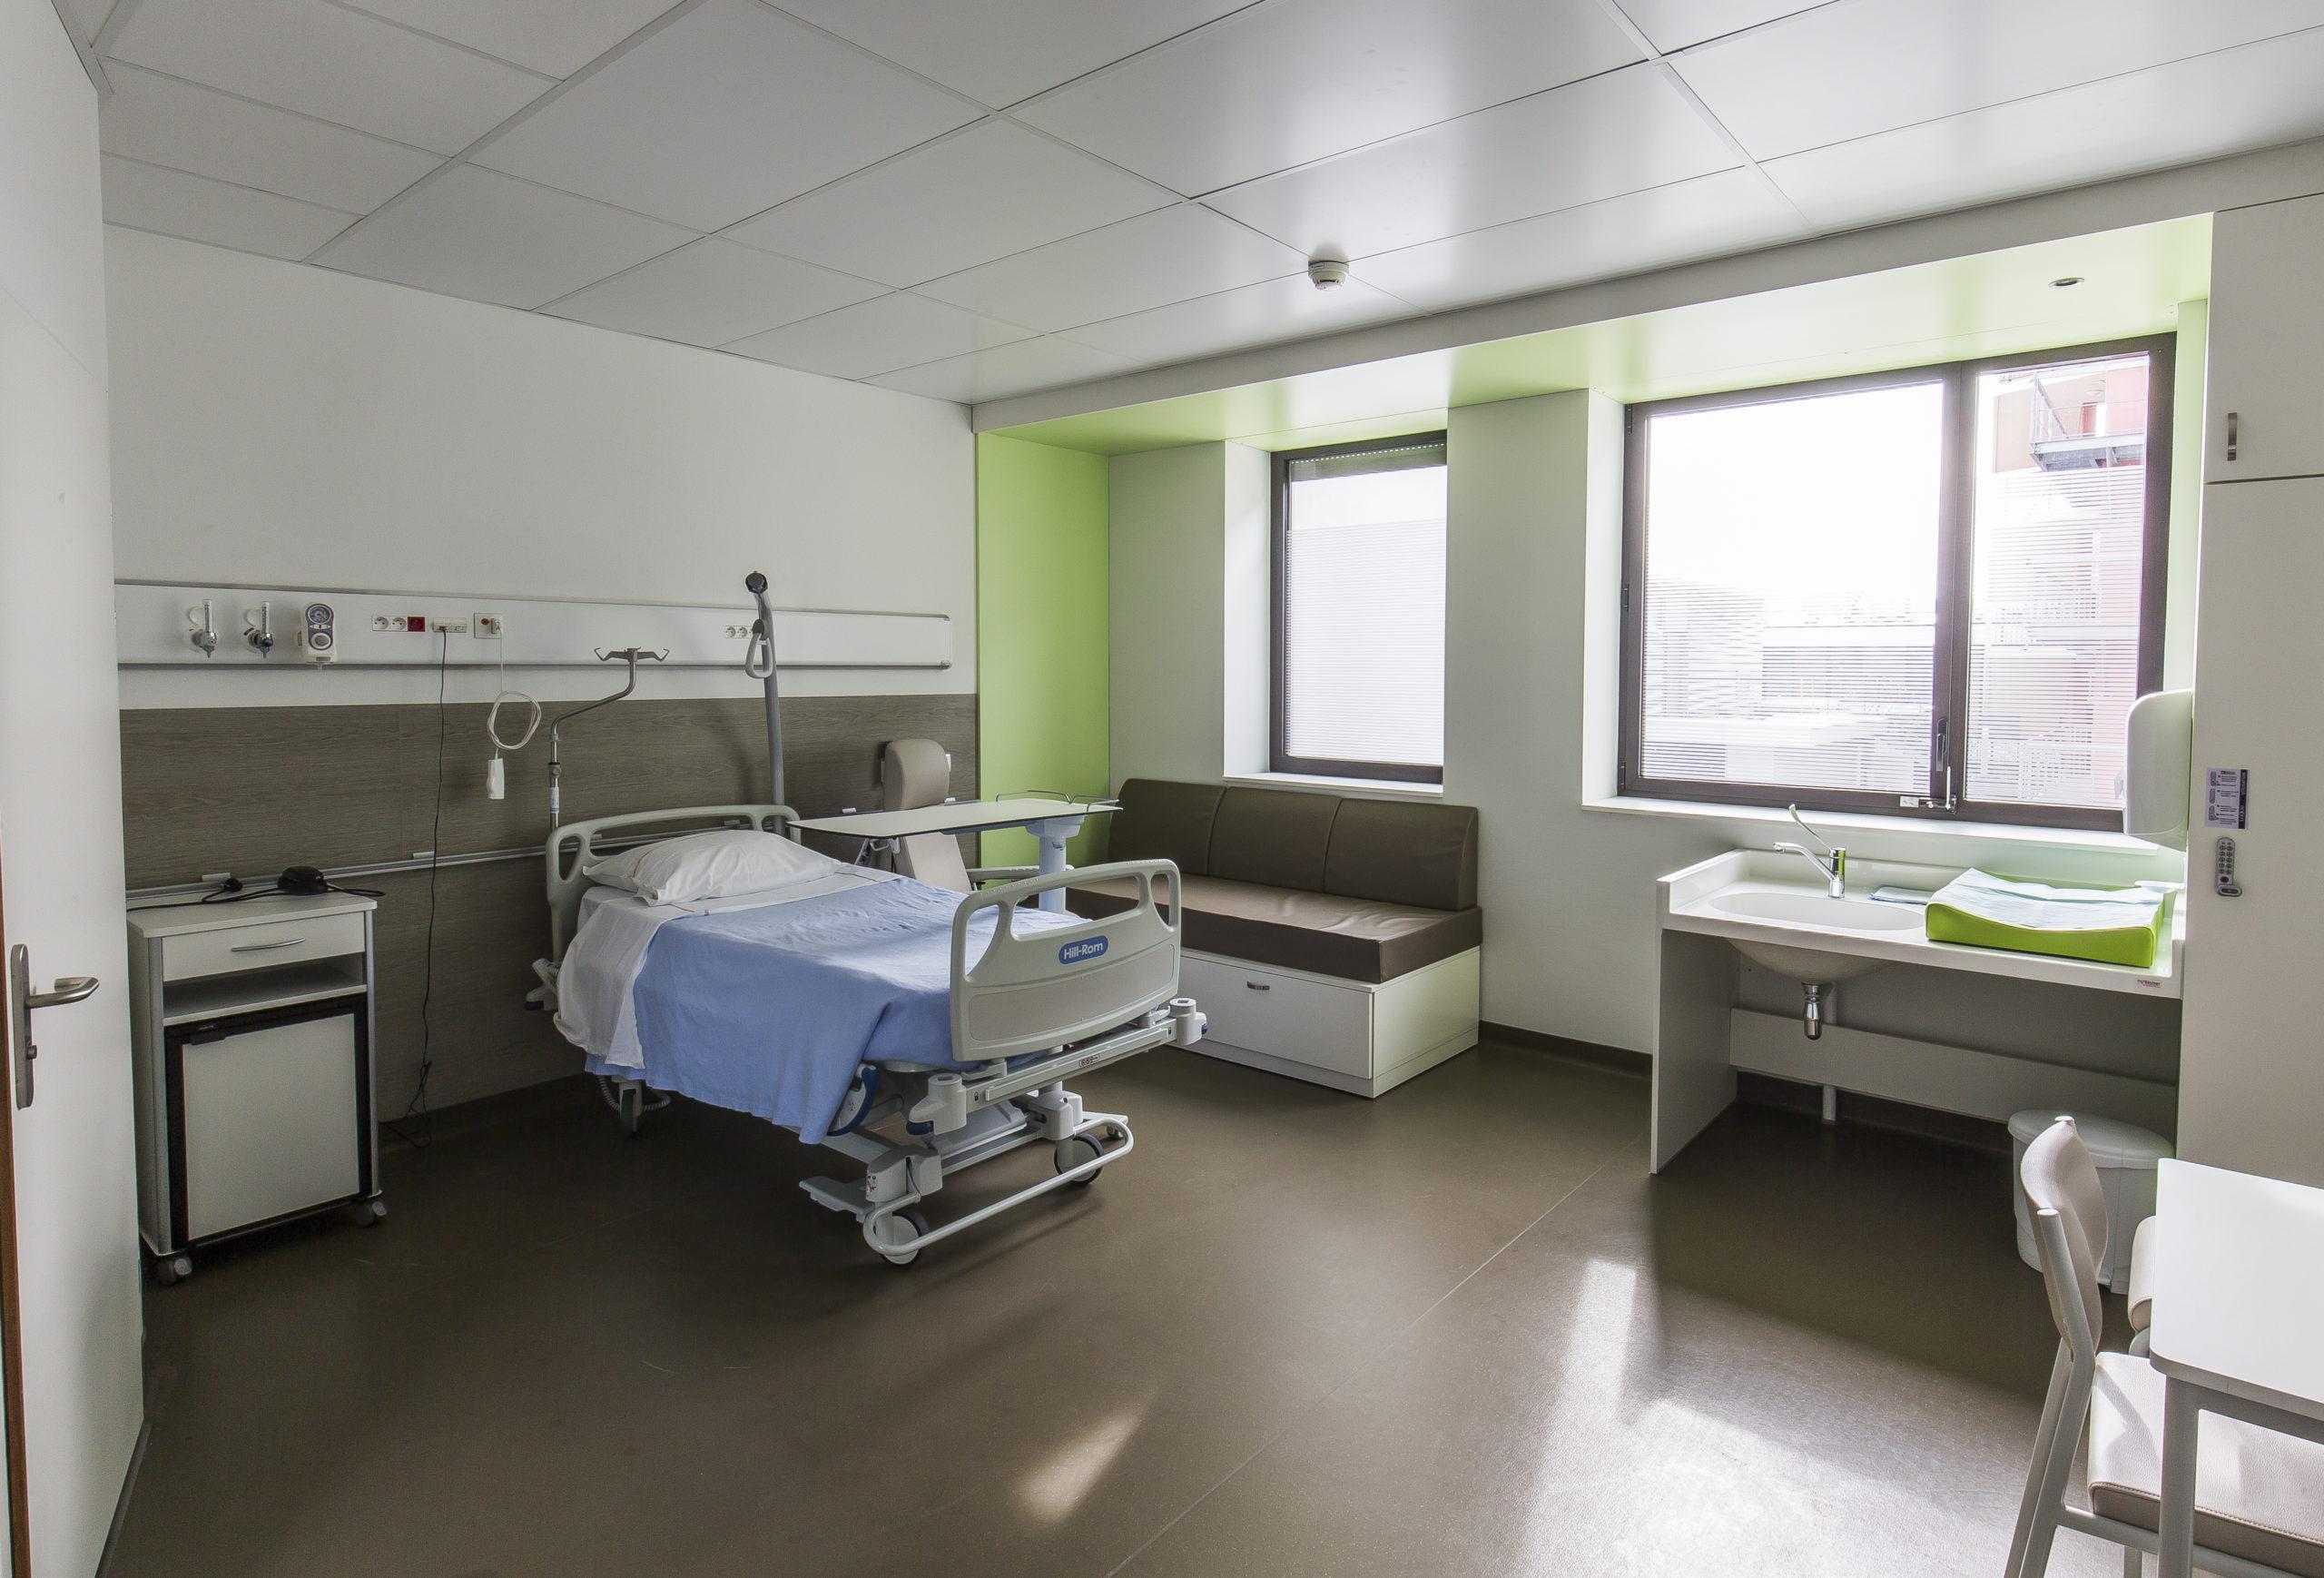 chambre de maternité avec mobilier et table à langer PMR